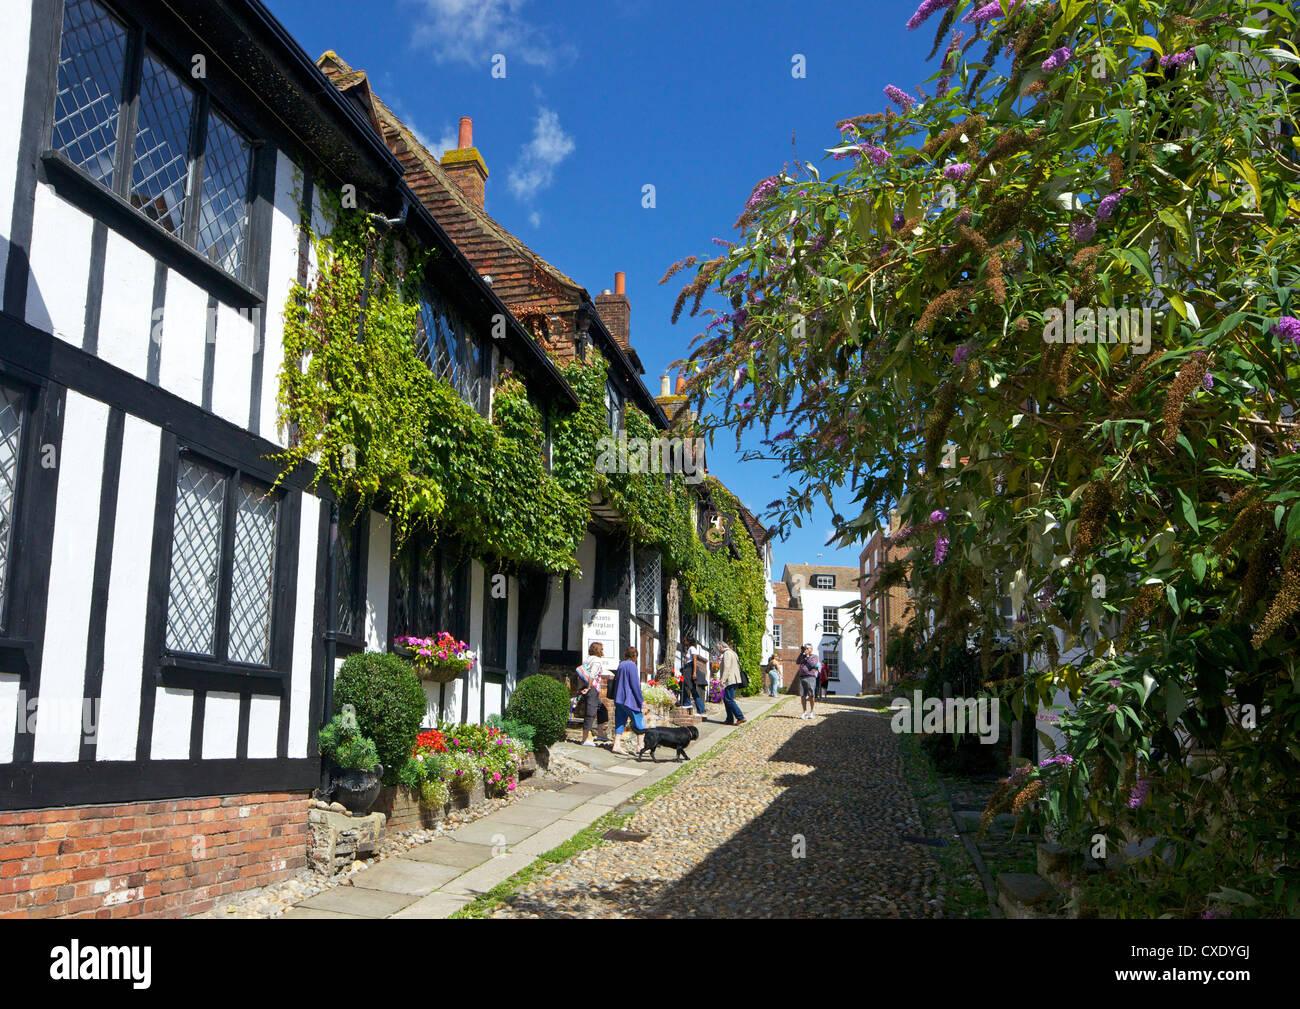 The Mermaid Inn, Mermaid Street, Rye, East Sussex, England, United Kingdom, Europe - Stock Image